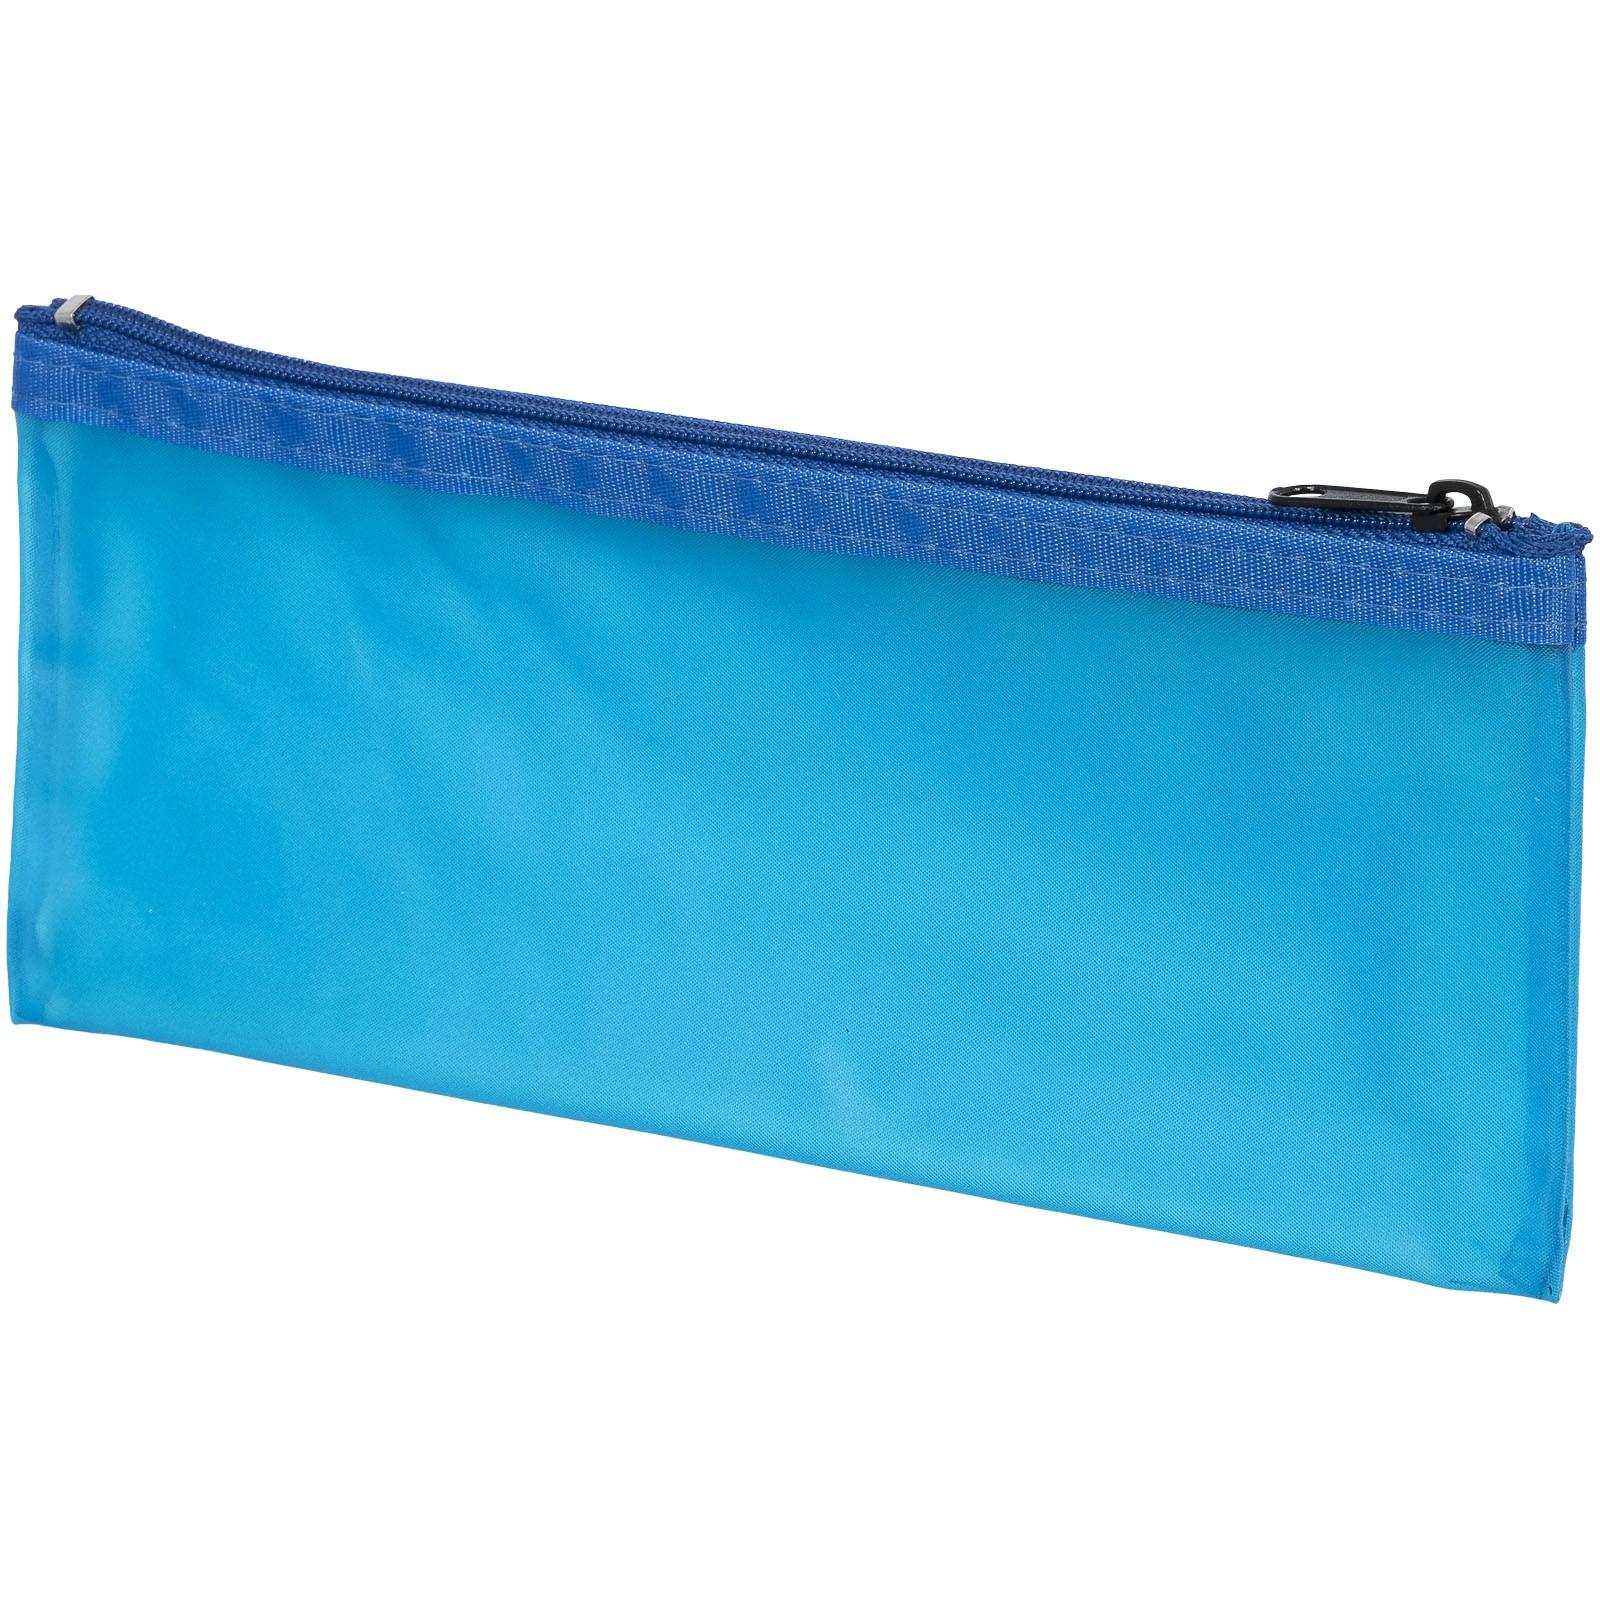 Fabien frost pencil case - Transparent / Blue